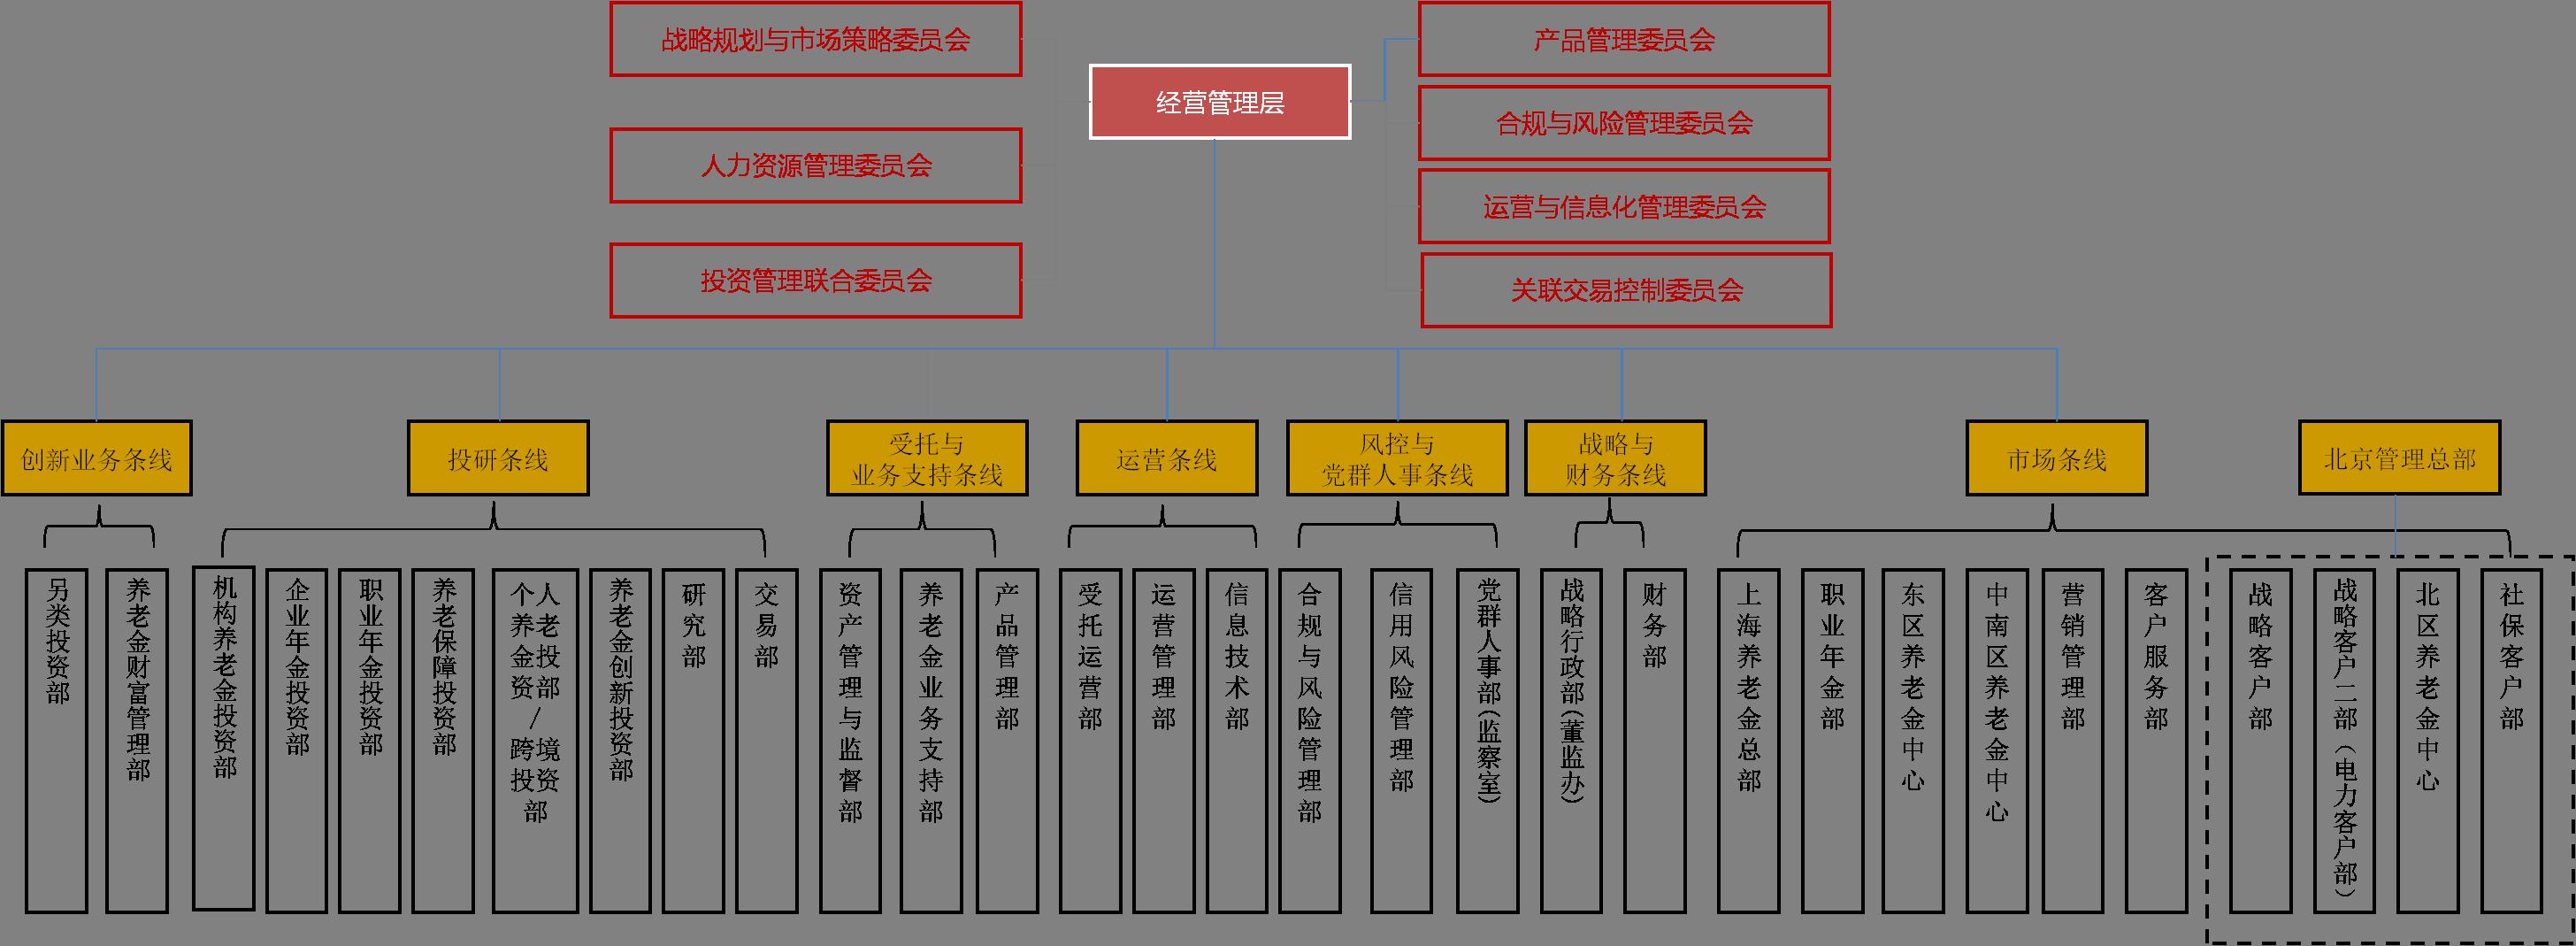 农业银行个人网_长江养老保险股份有限公司